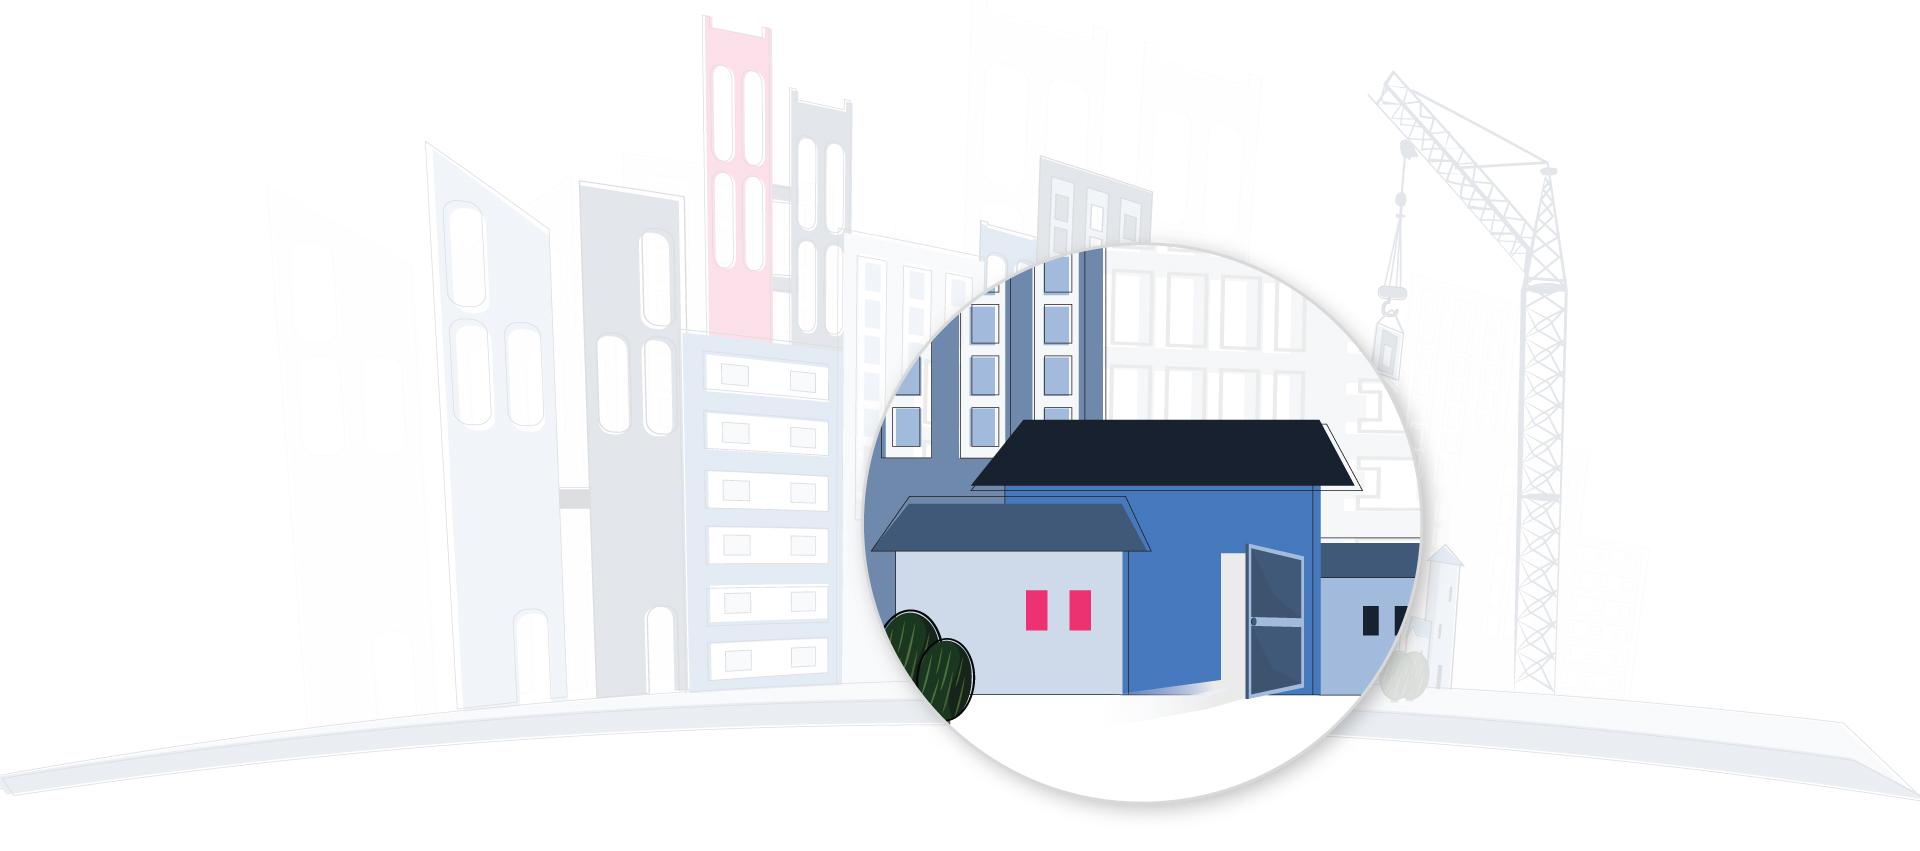 Qobrix Real Estate Agent Portal